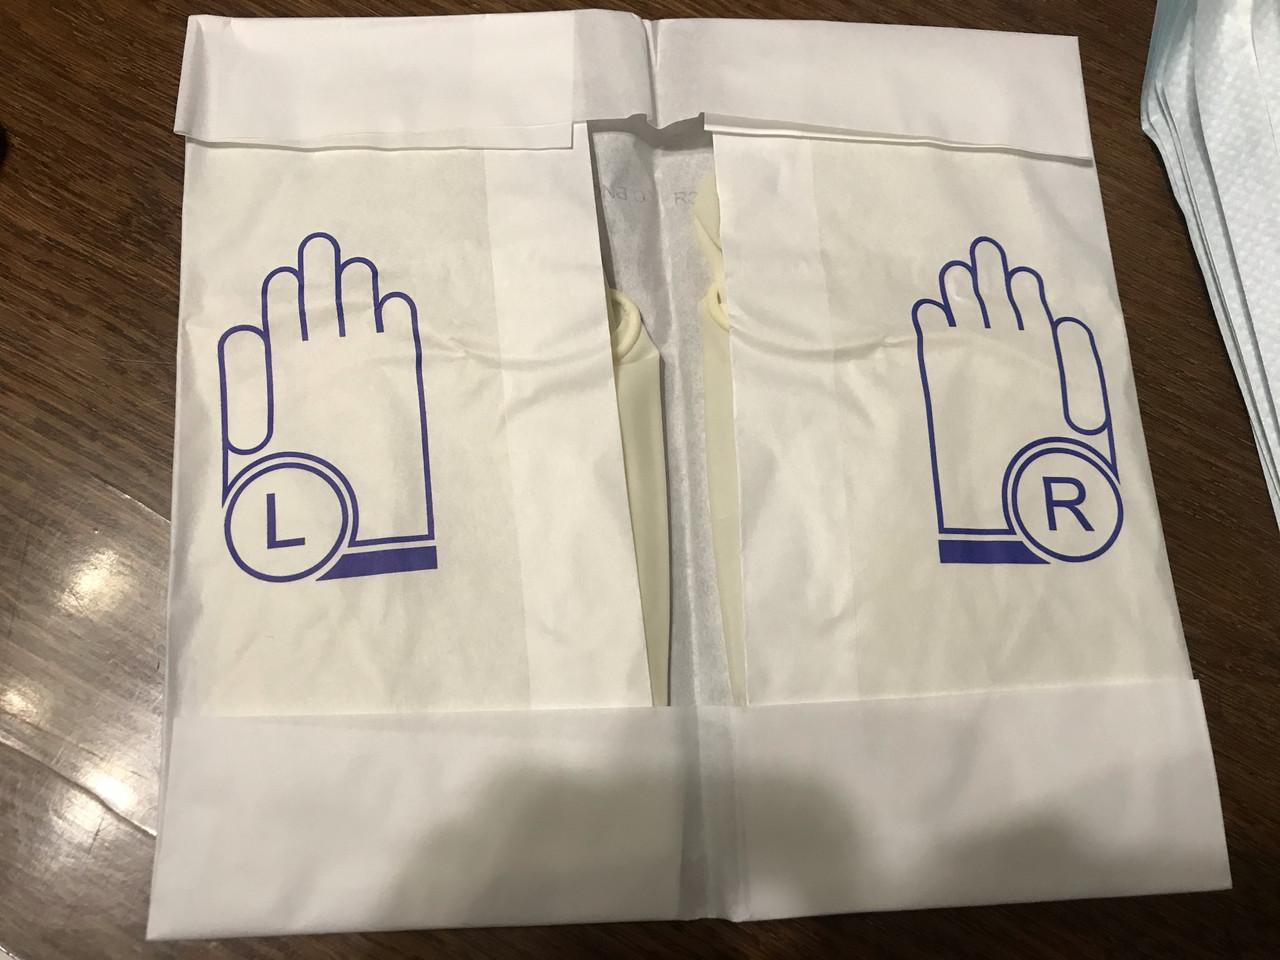 Перчатки стерильные хирургические с длинной манжетой - фото 3